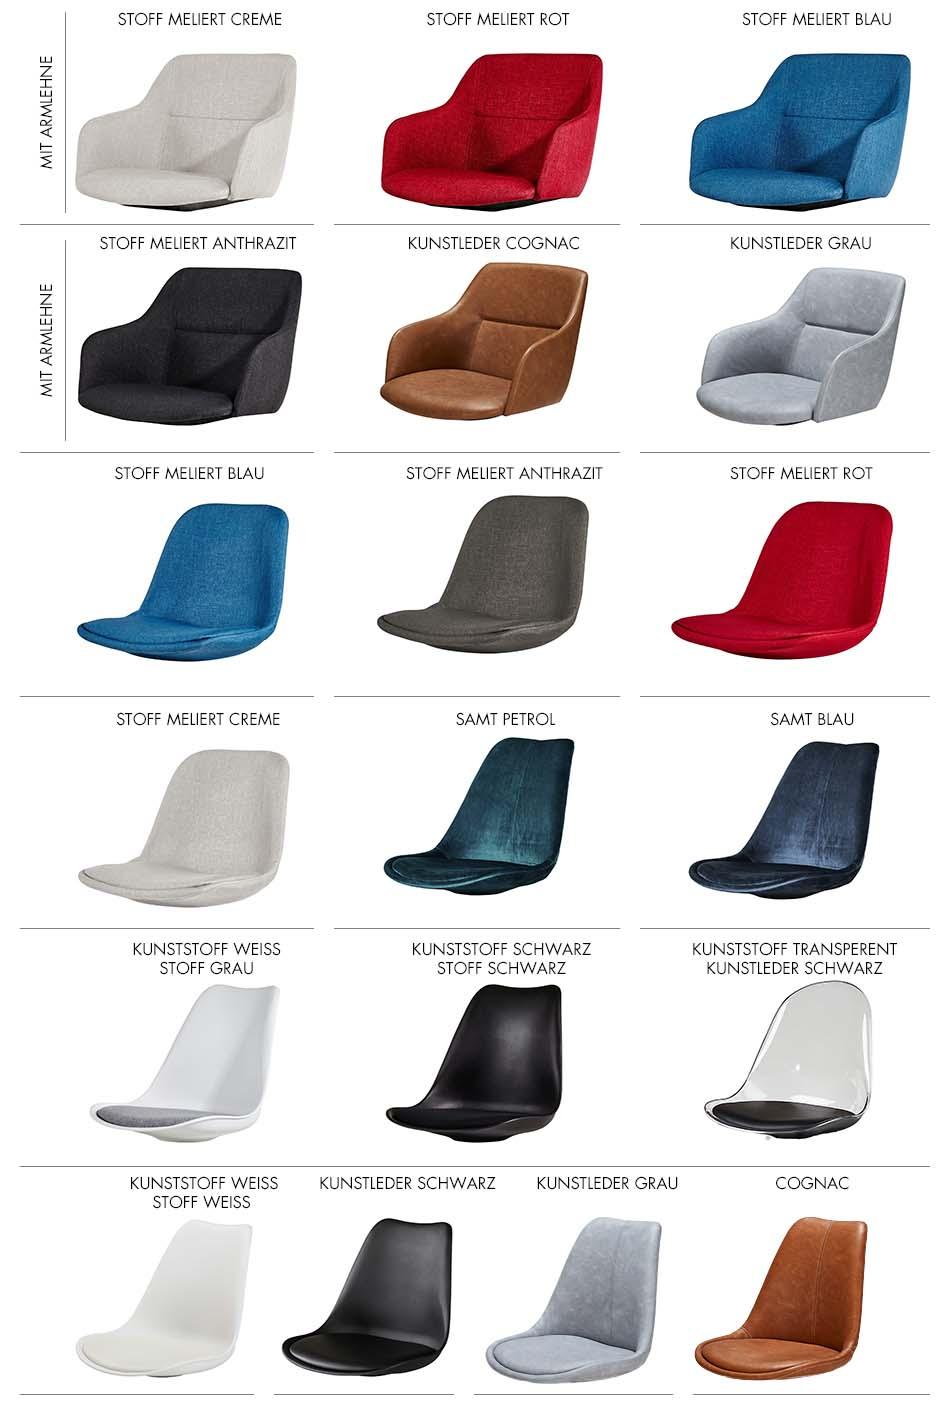 Stuhlkonfigurator Sitzschalen